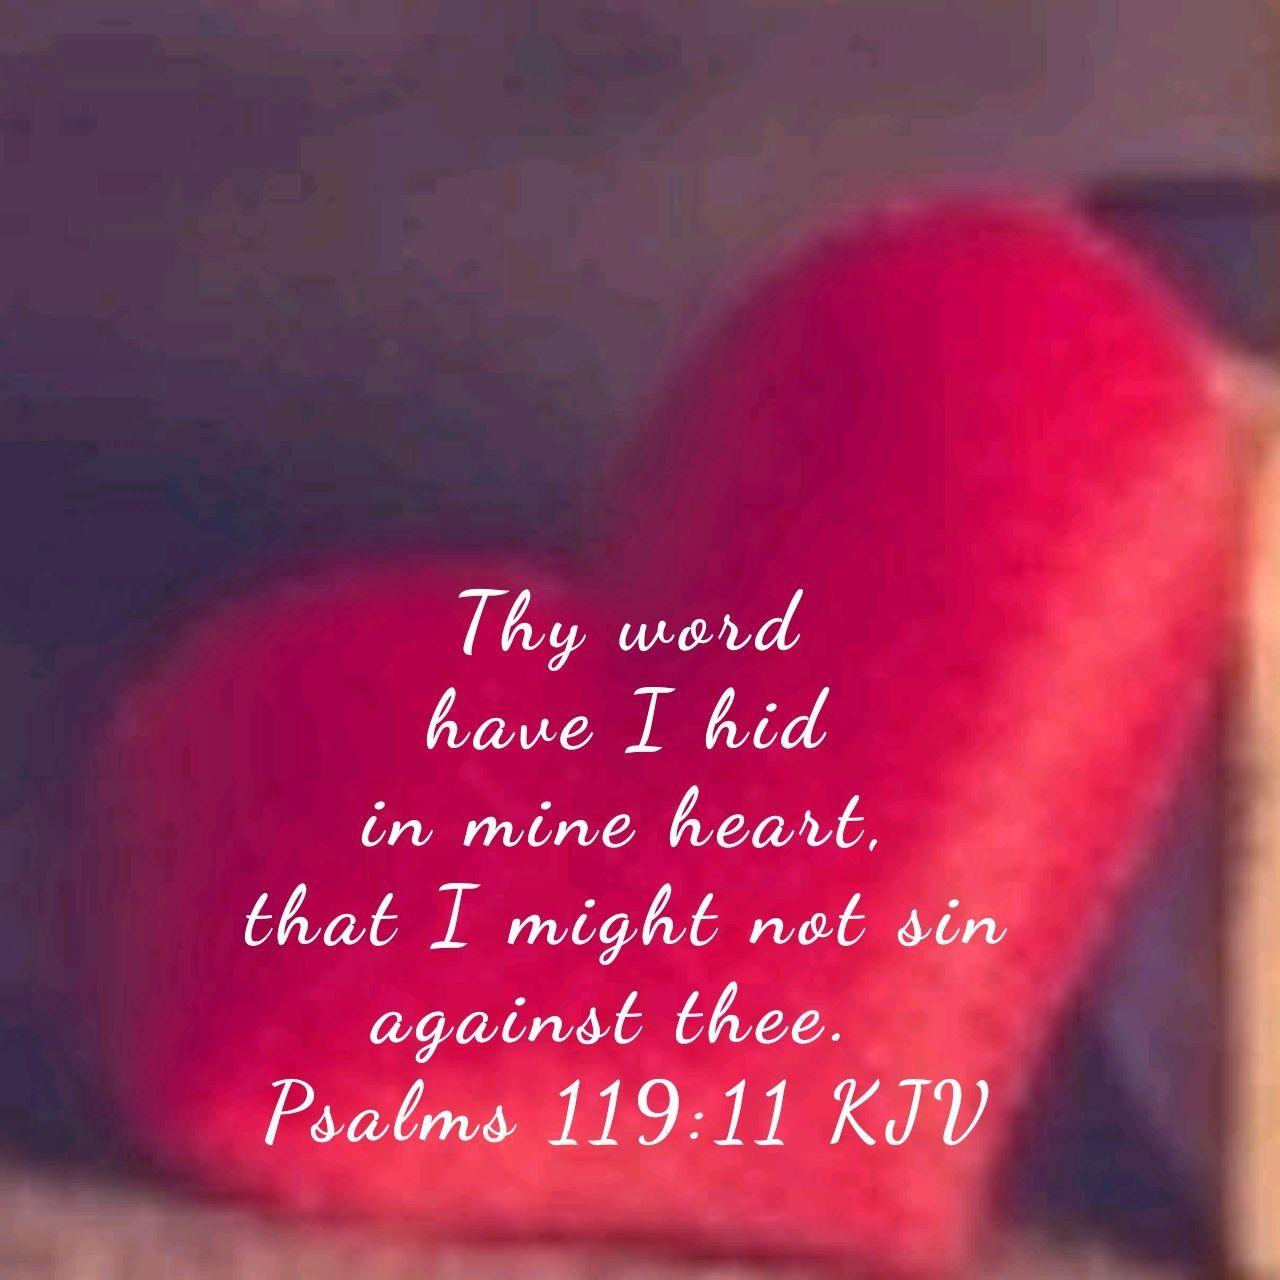 Psalms 119:11 KJV | Psalms, Words, Kjv